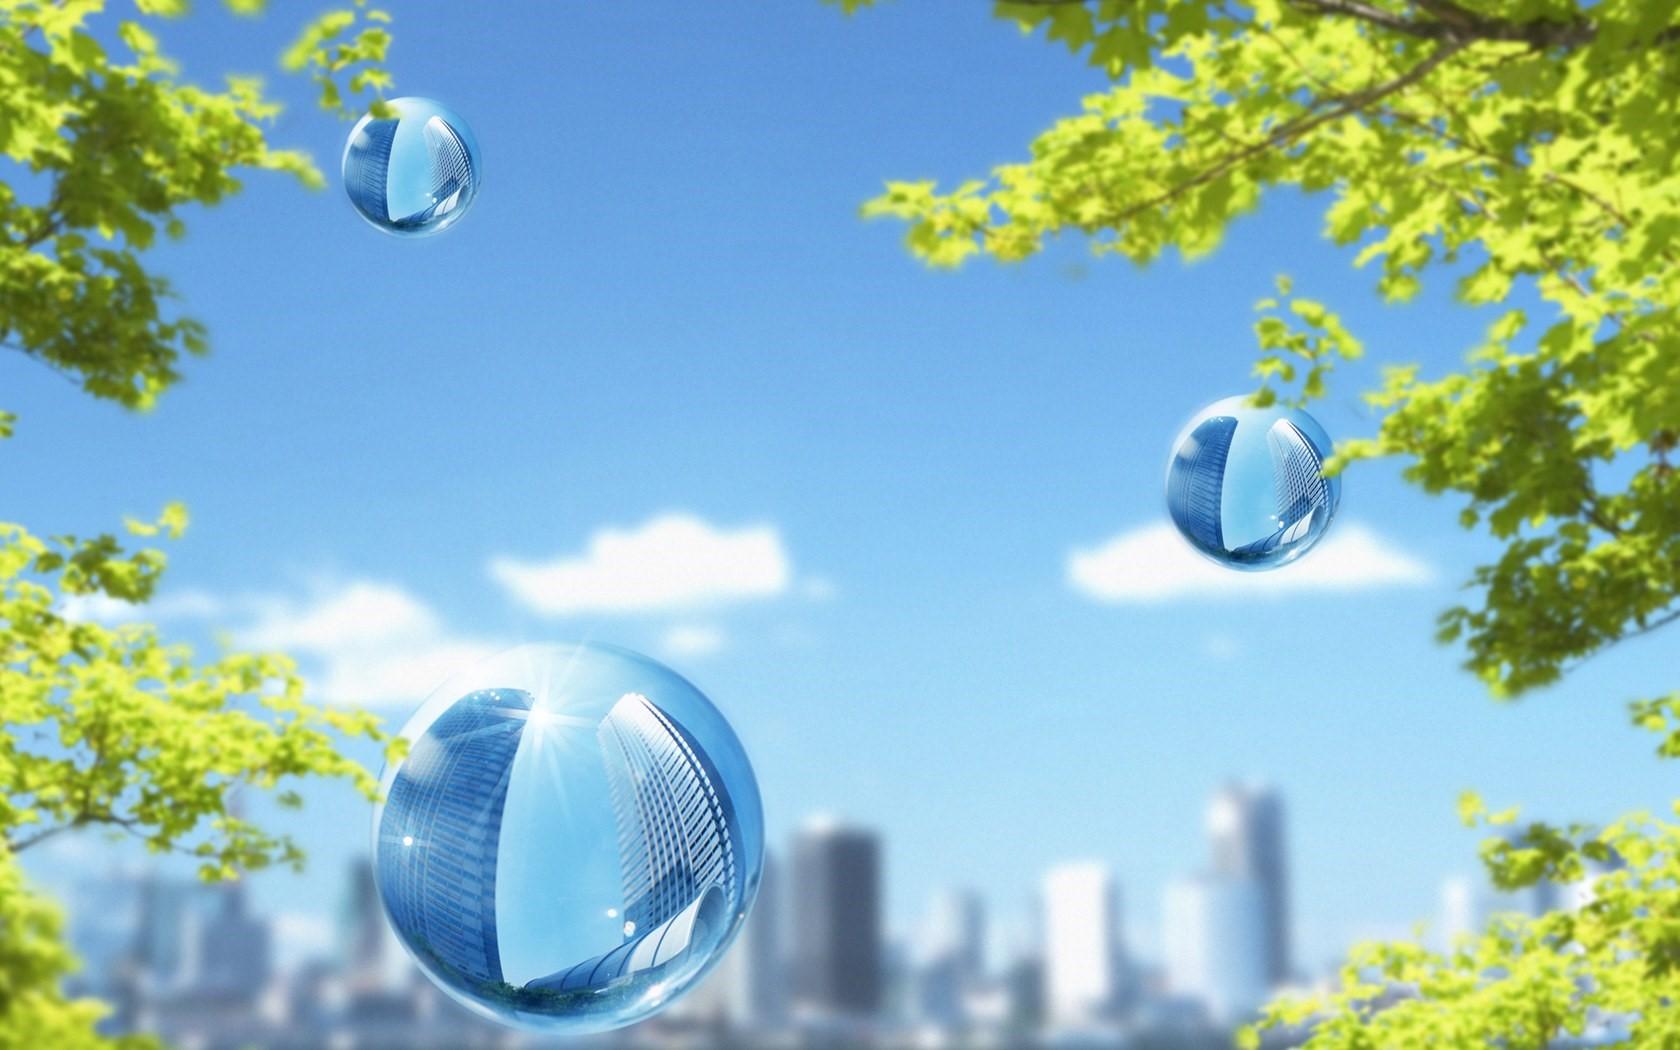 Tecnologías verdes versátiles y funcionales